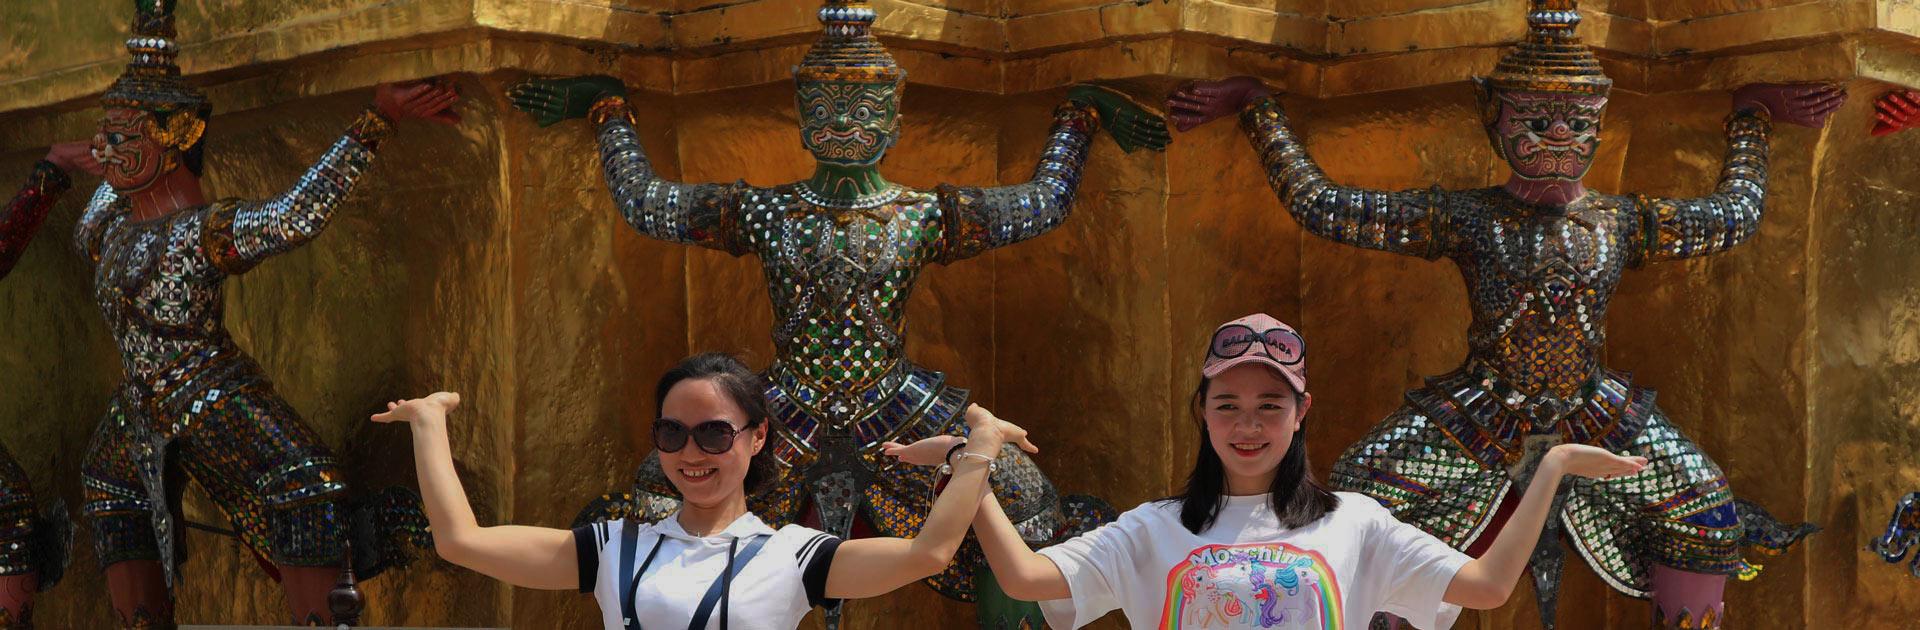 TH Lo Mejor de Tailandia y Phuket 14 días 5